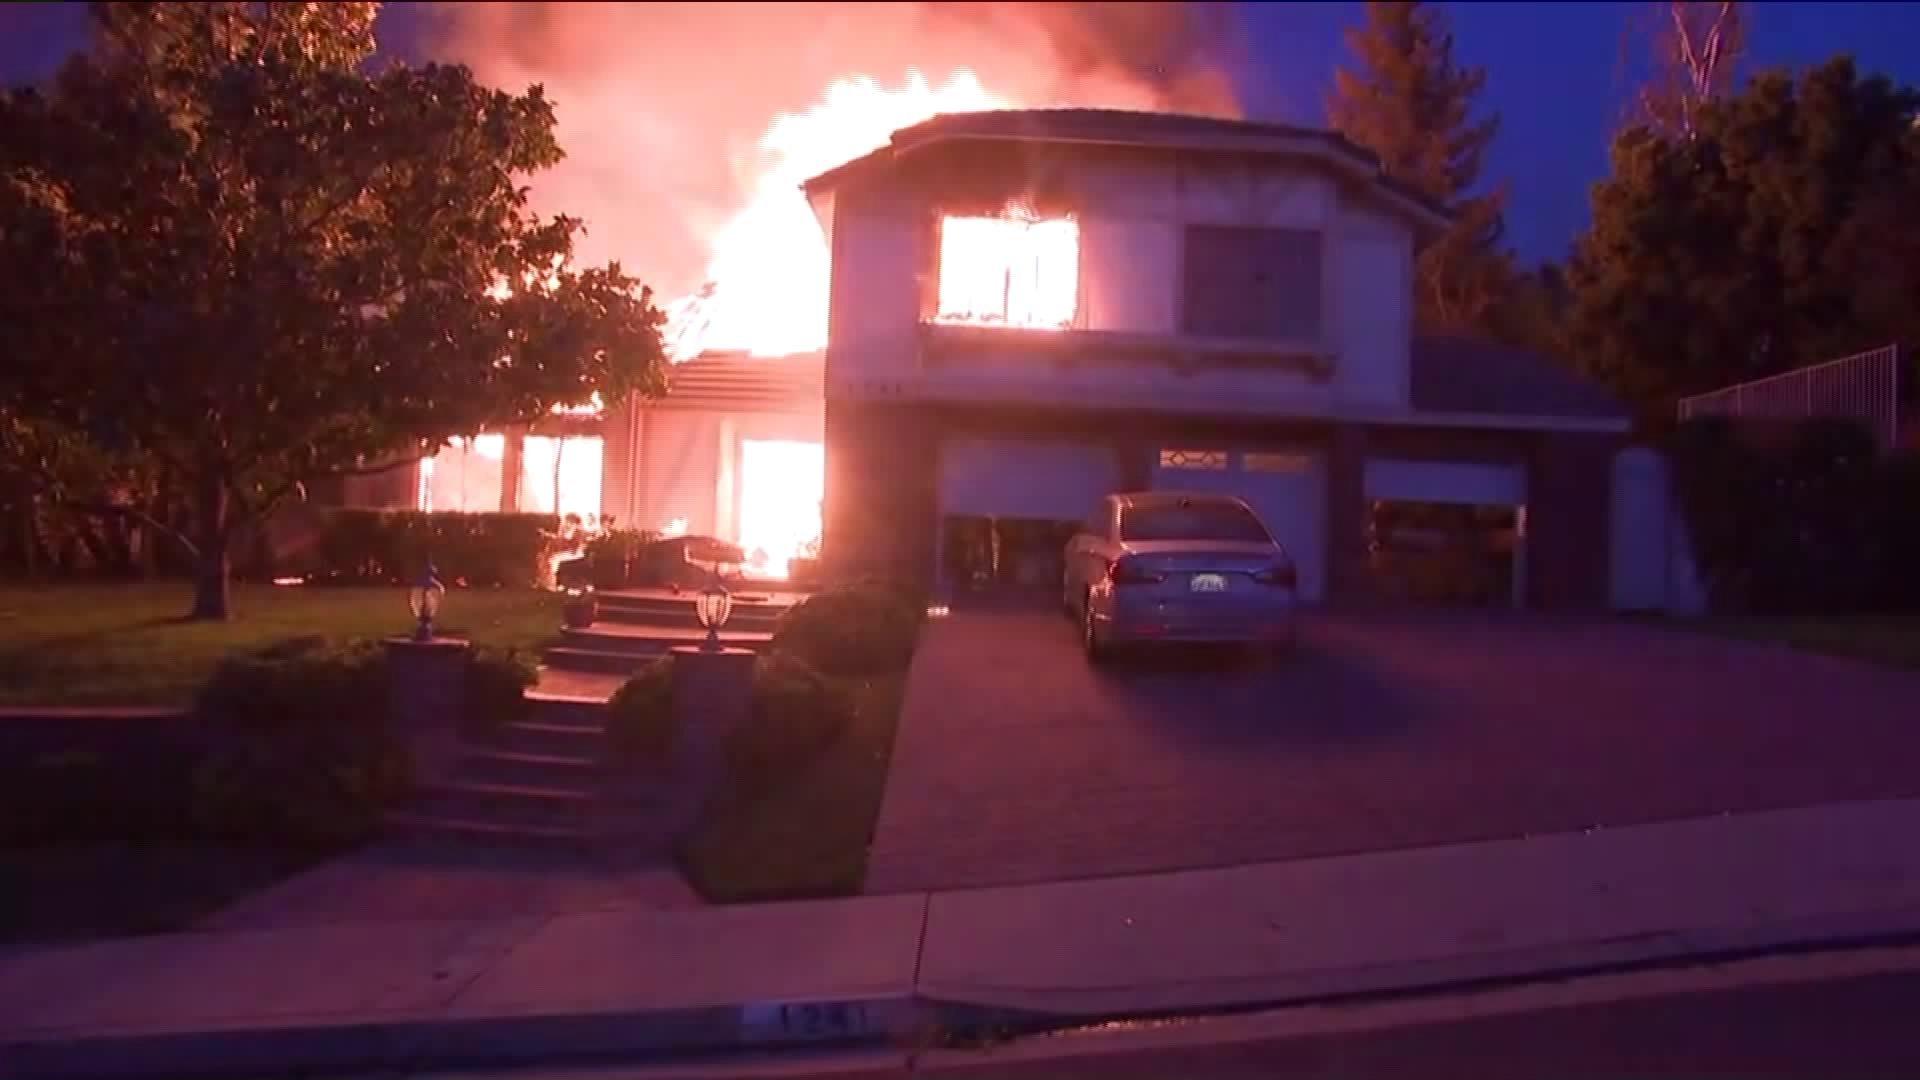 Νεκροί από τις φωτιές στην Καλιφόρνια. Κάηκαν